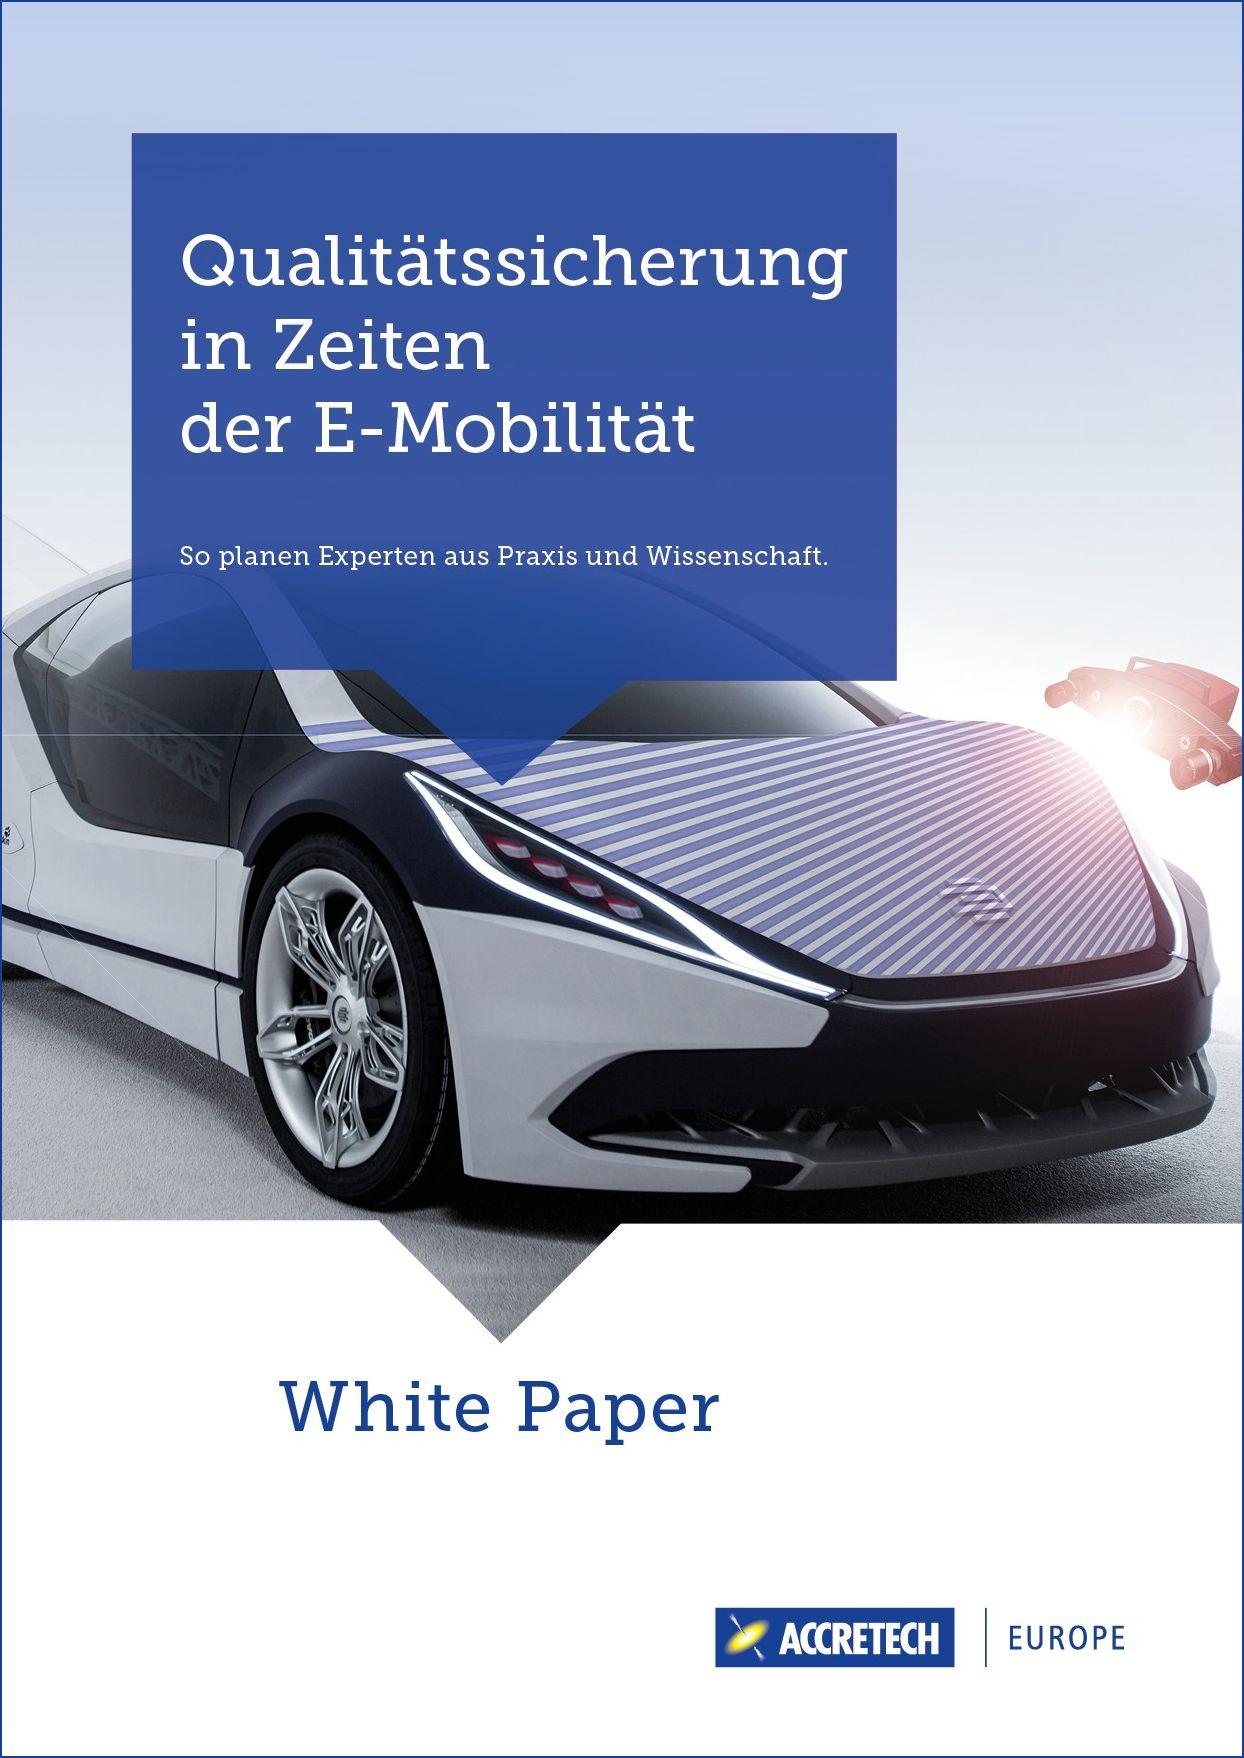 White Paper Qualitätssicherung in Zeiten der E-Mobility